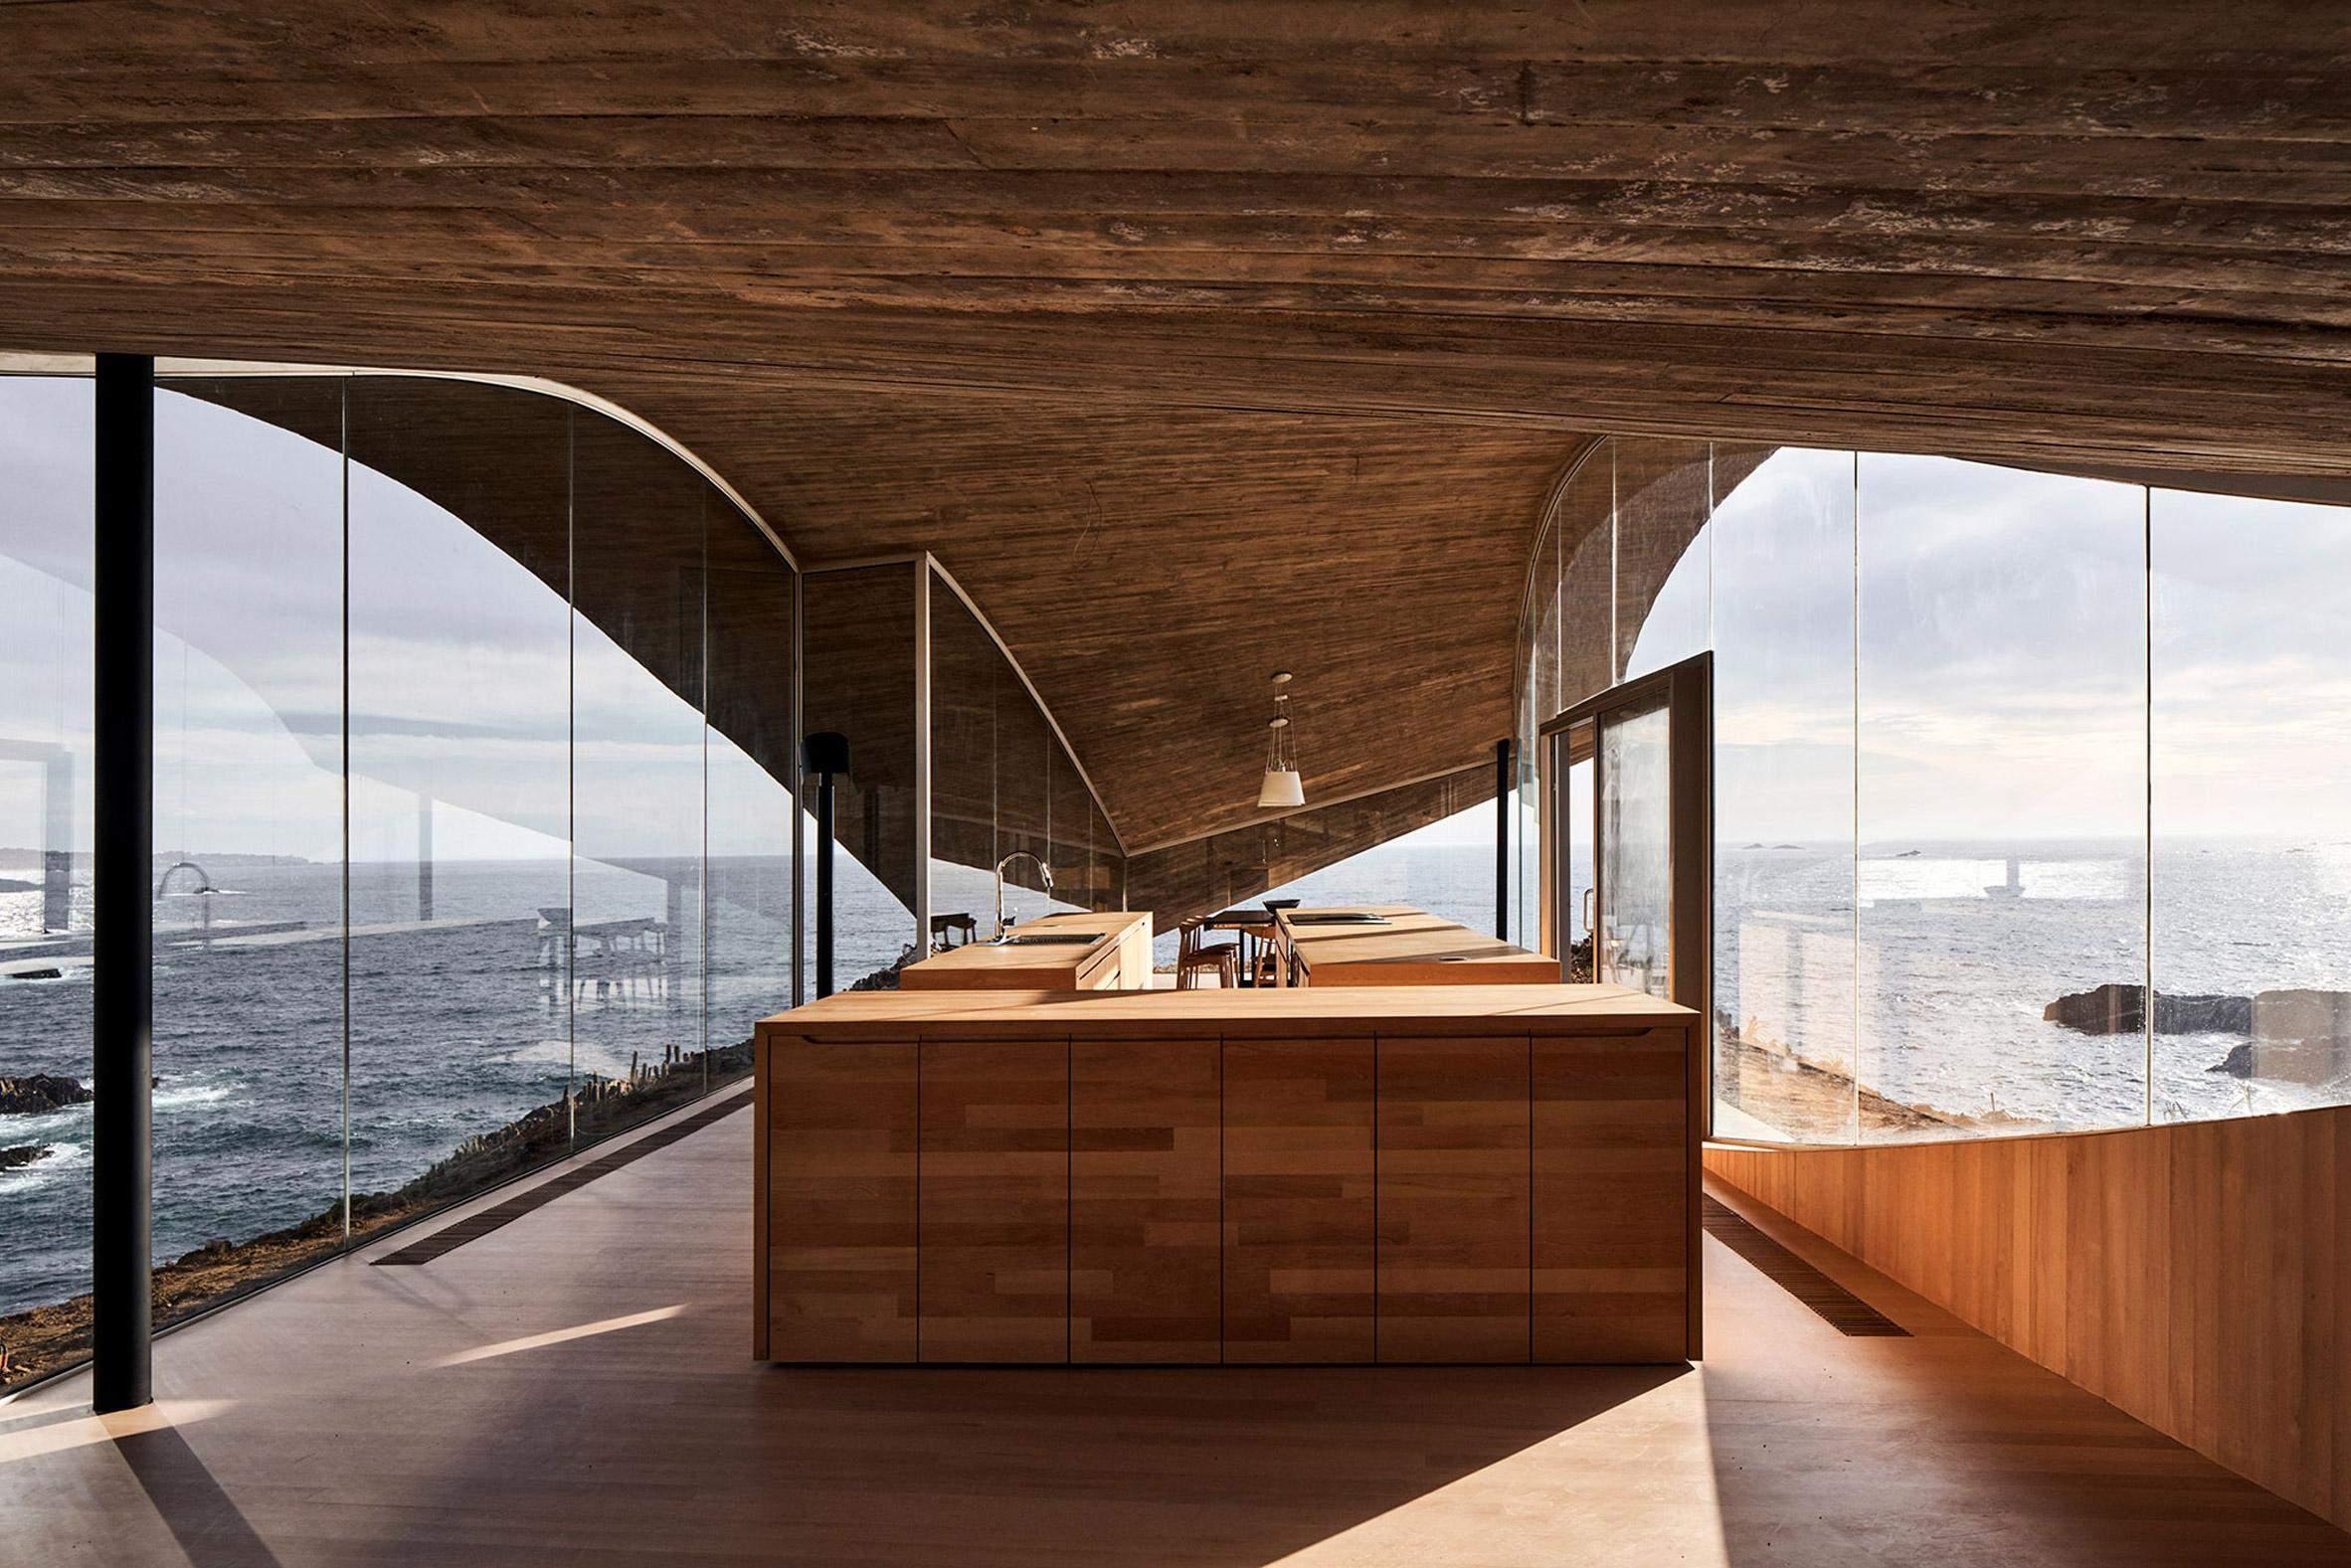 Кухня похожа на корабль в океане